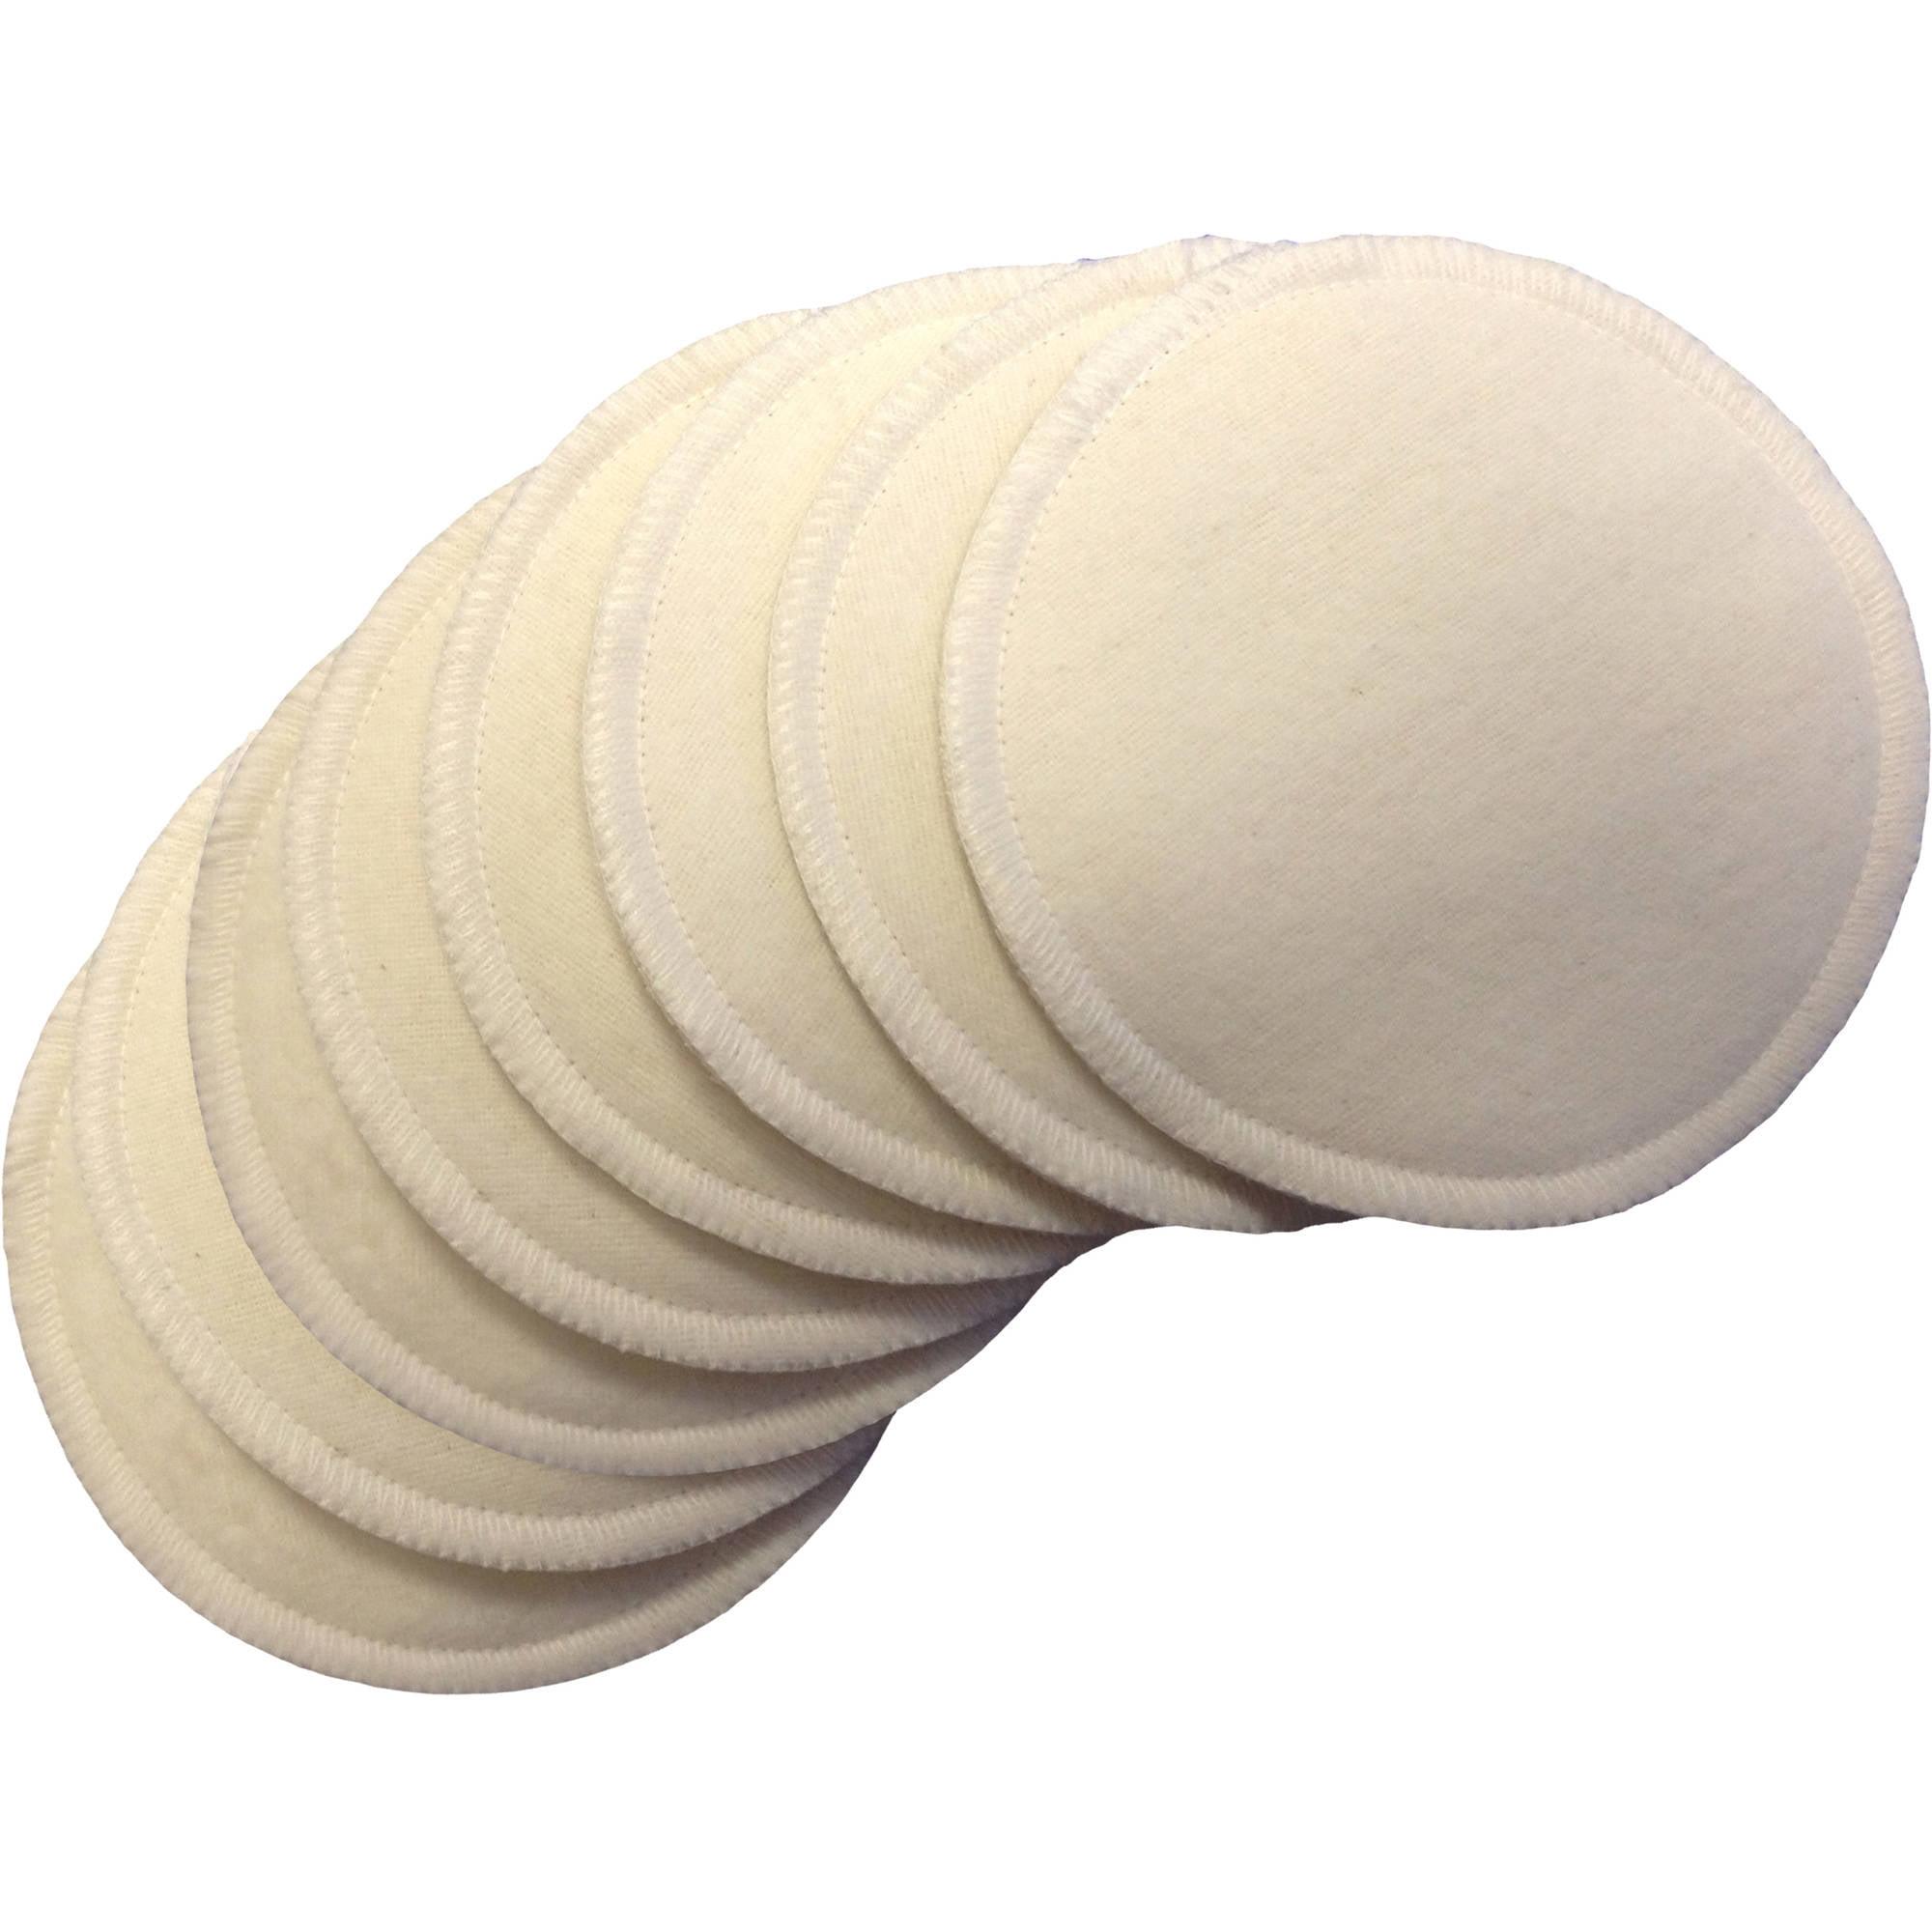 NuAngel Natural Cotton Washable Nursing Pads - 8 count